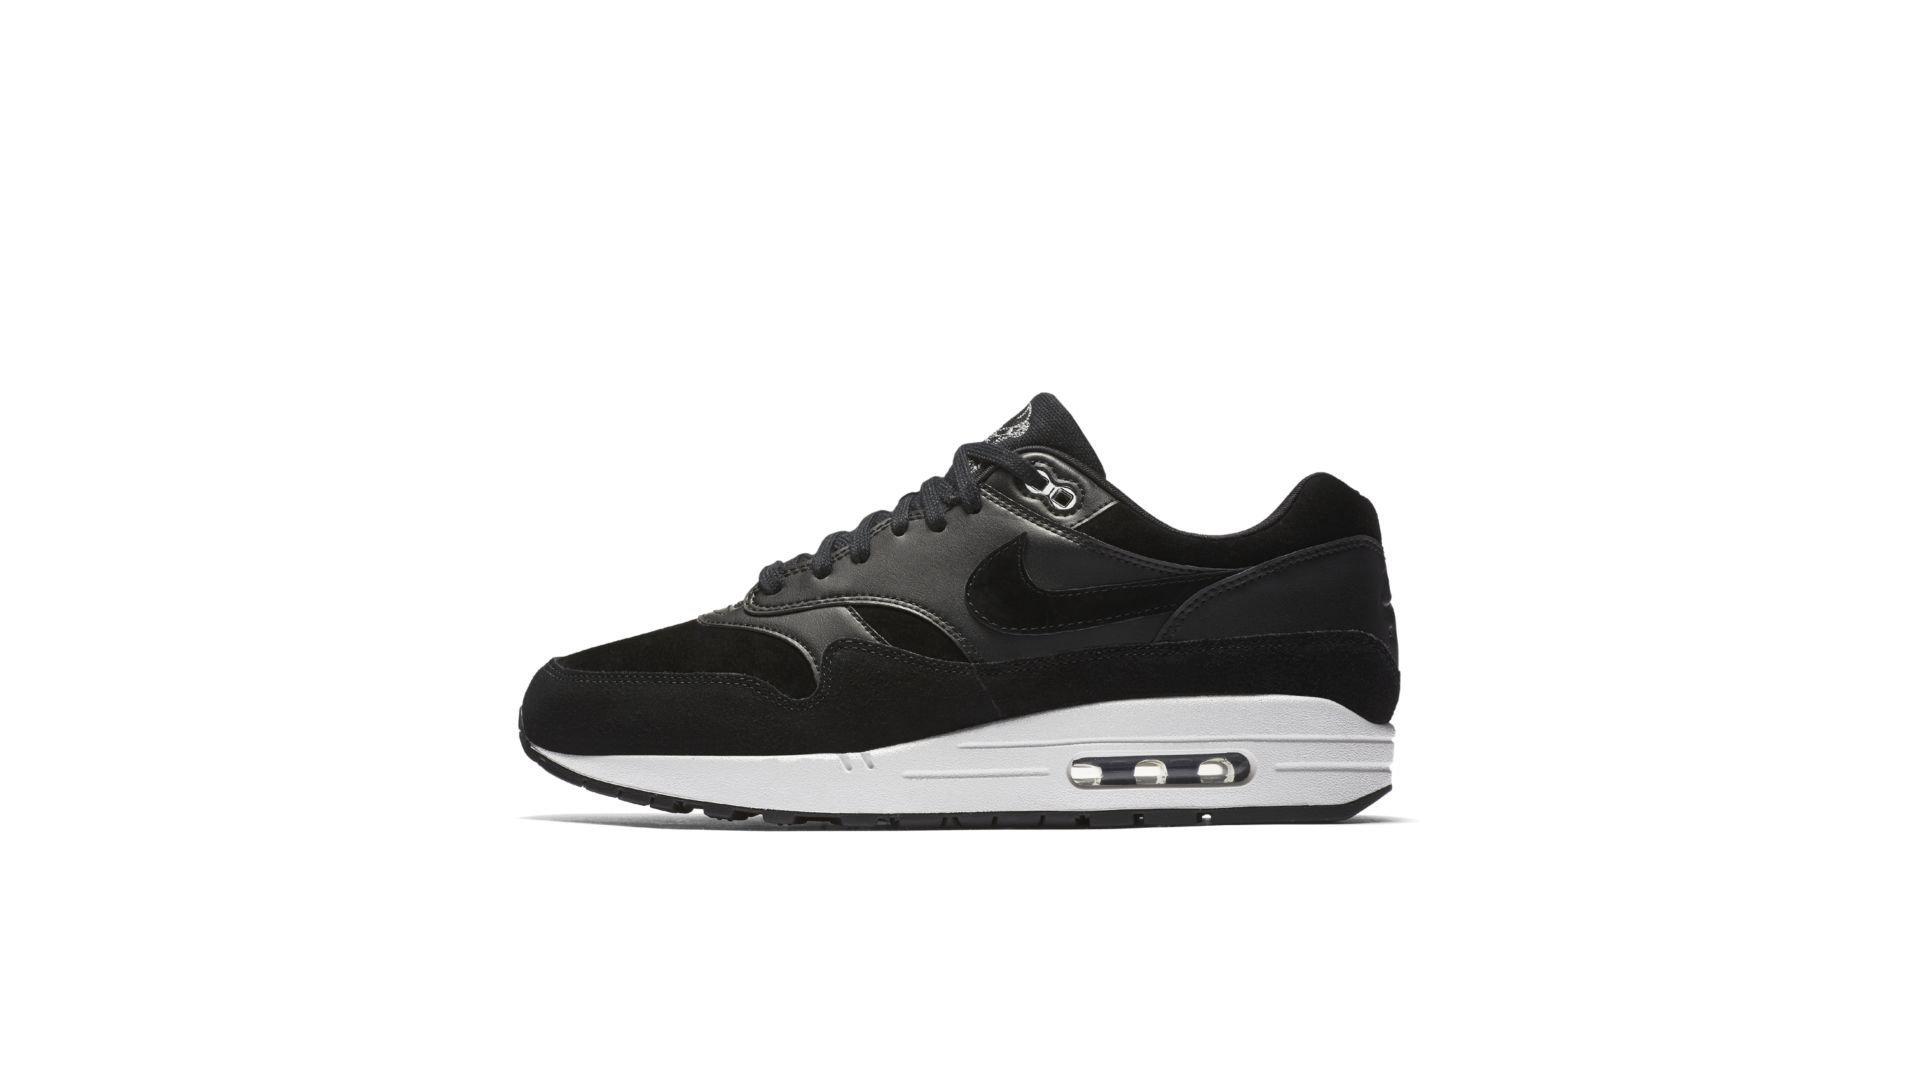 Nike Air Max 1 Premium 875844-001